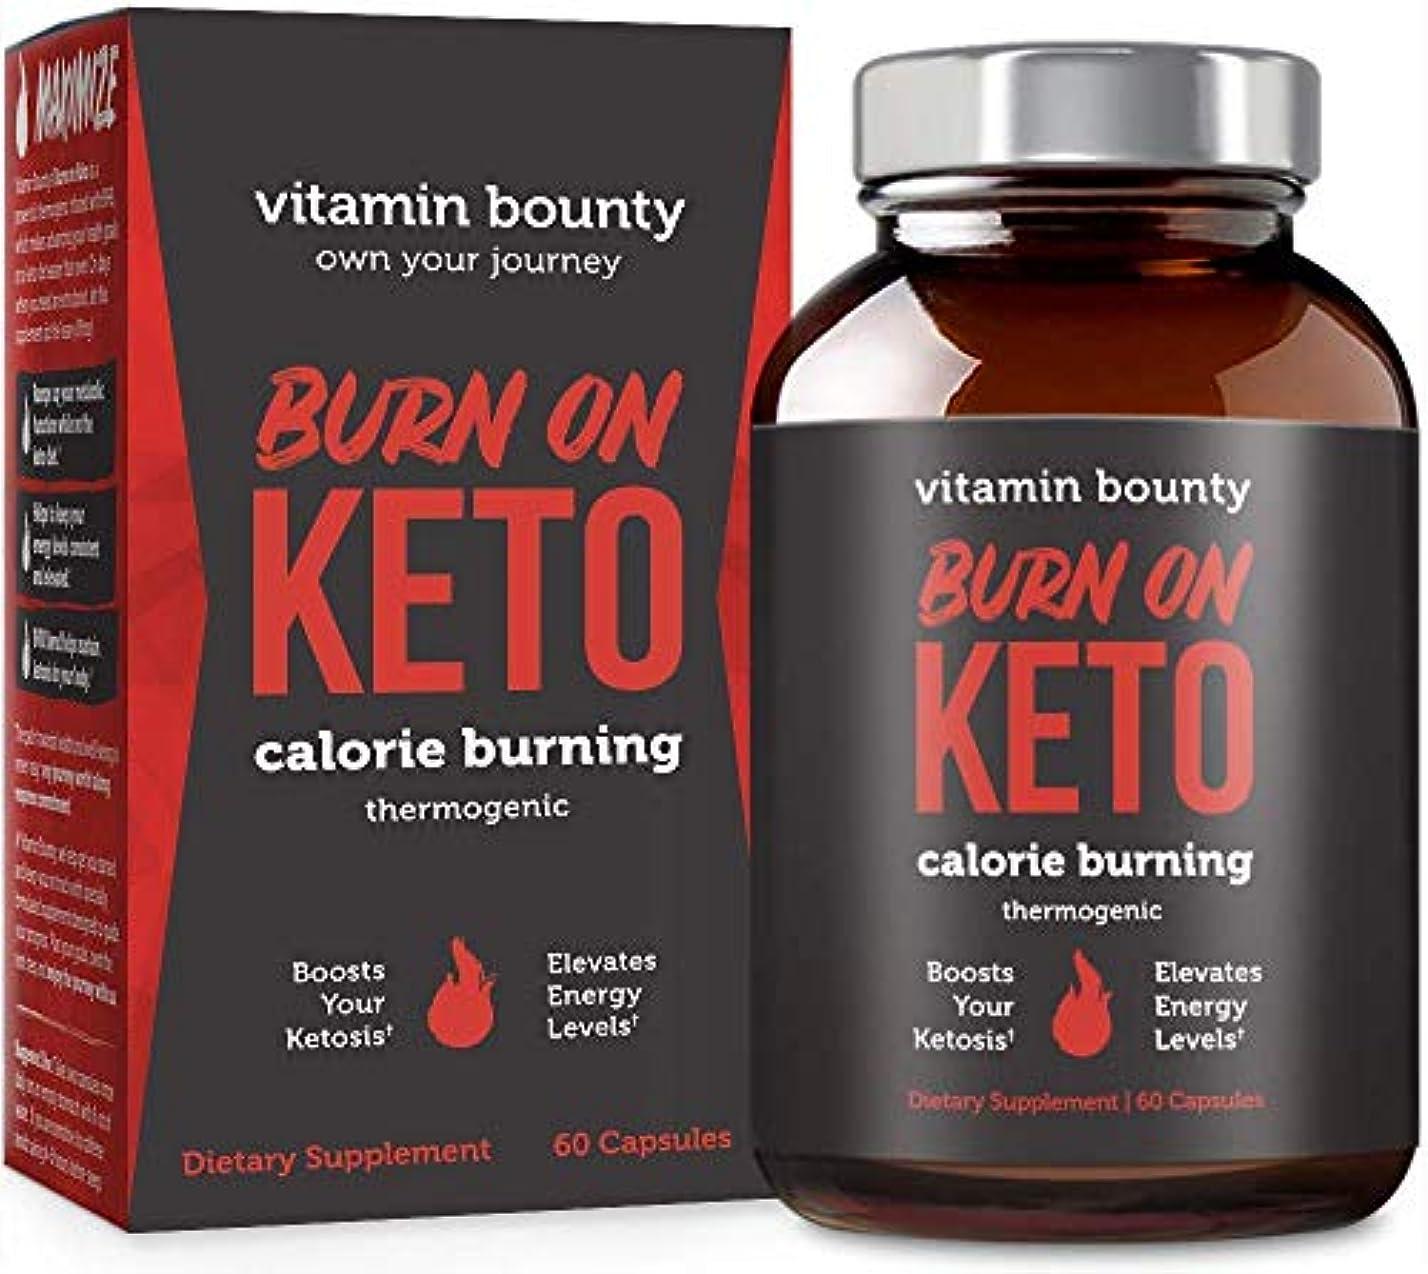 予想外助言する無しVitamin Bounty Burn on KETO ケトジェニック ダイエット 燃焼 サプリ 60粒/30日分 [海外直送品]